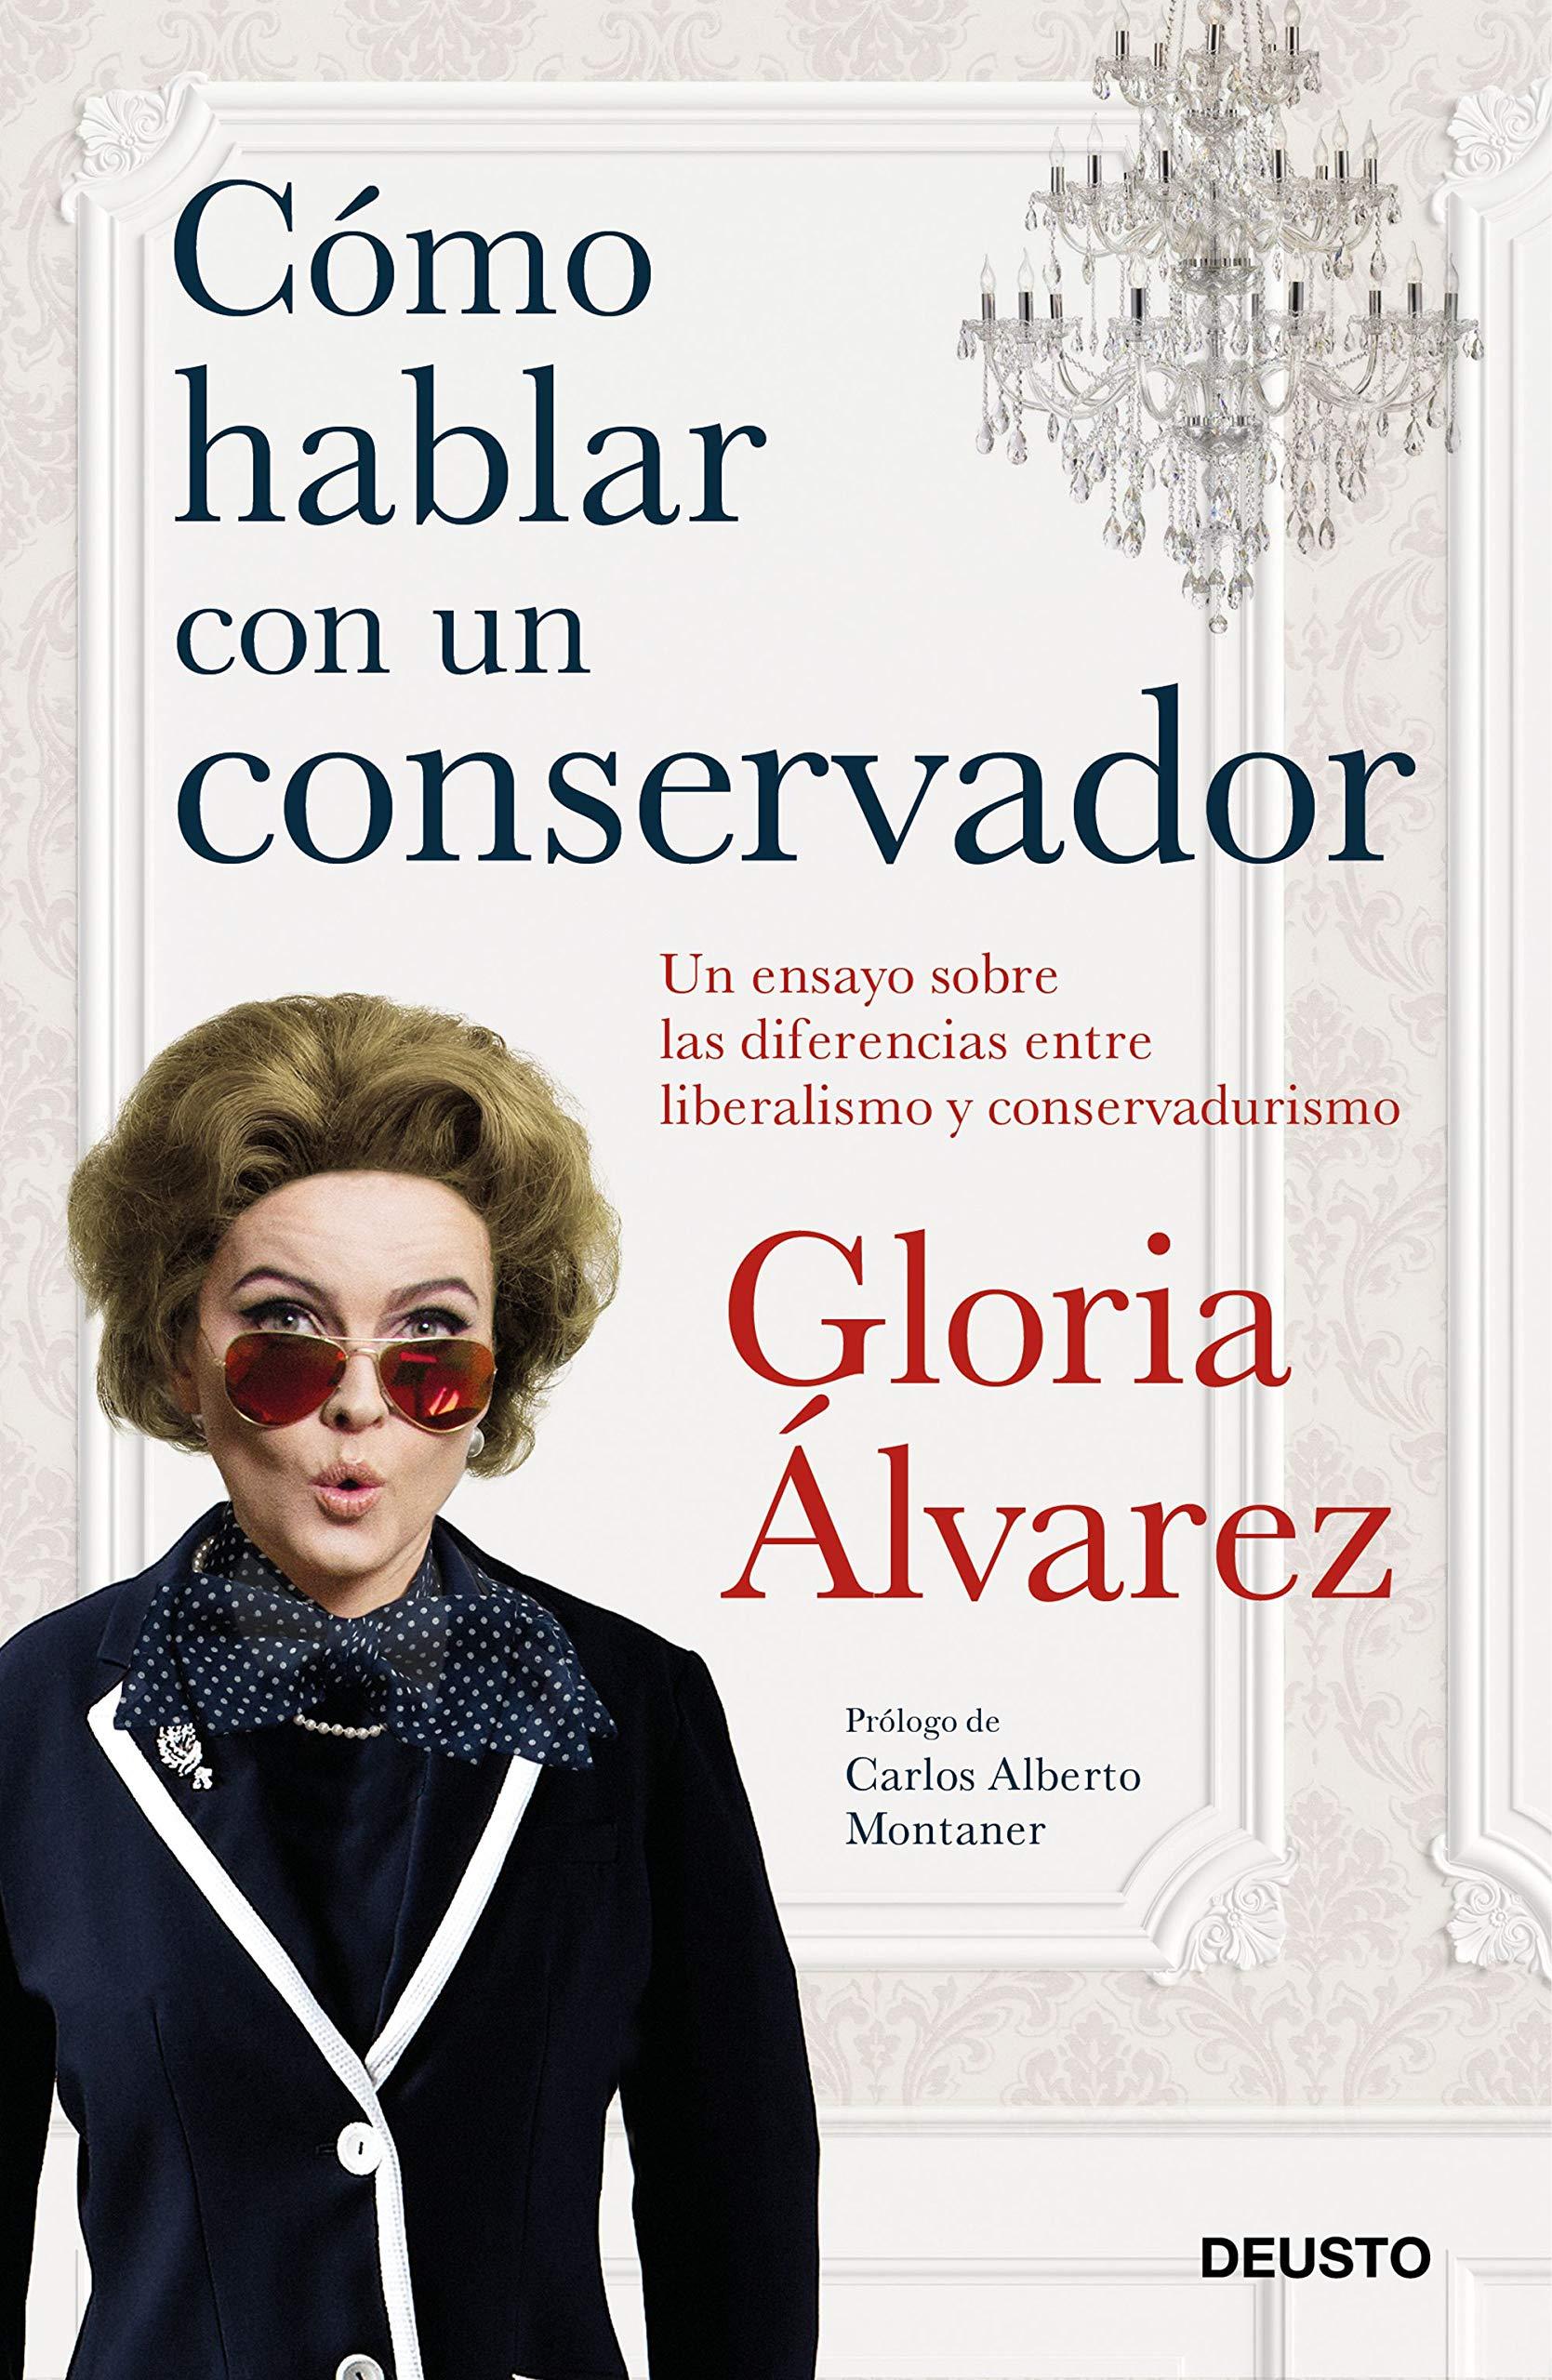 Cómo hablar con un conservador: Un ensayo sobre las diferencias entre liberalismo y conservadurismo (Sin colección)